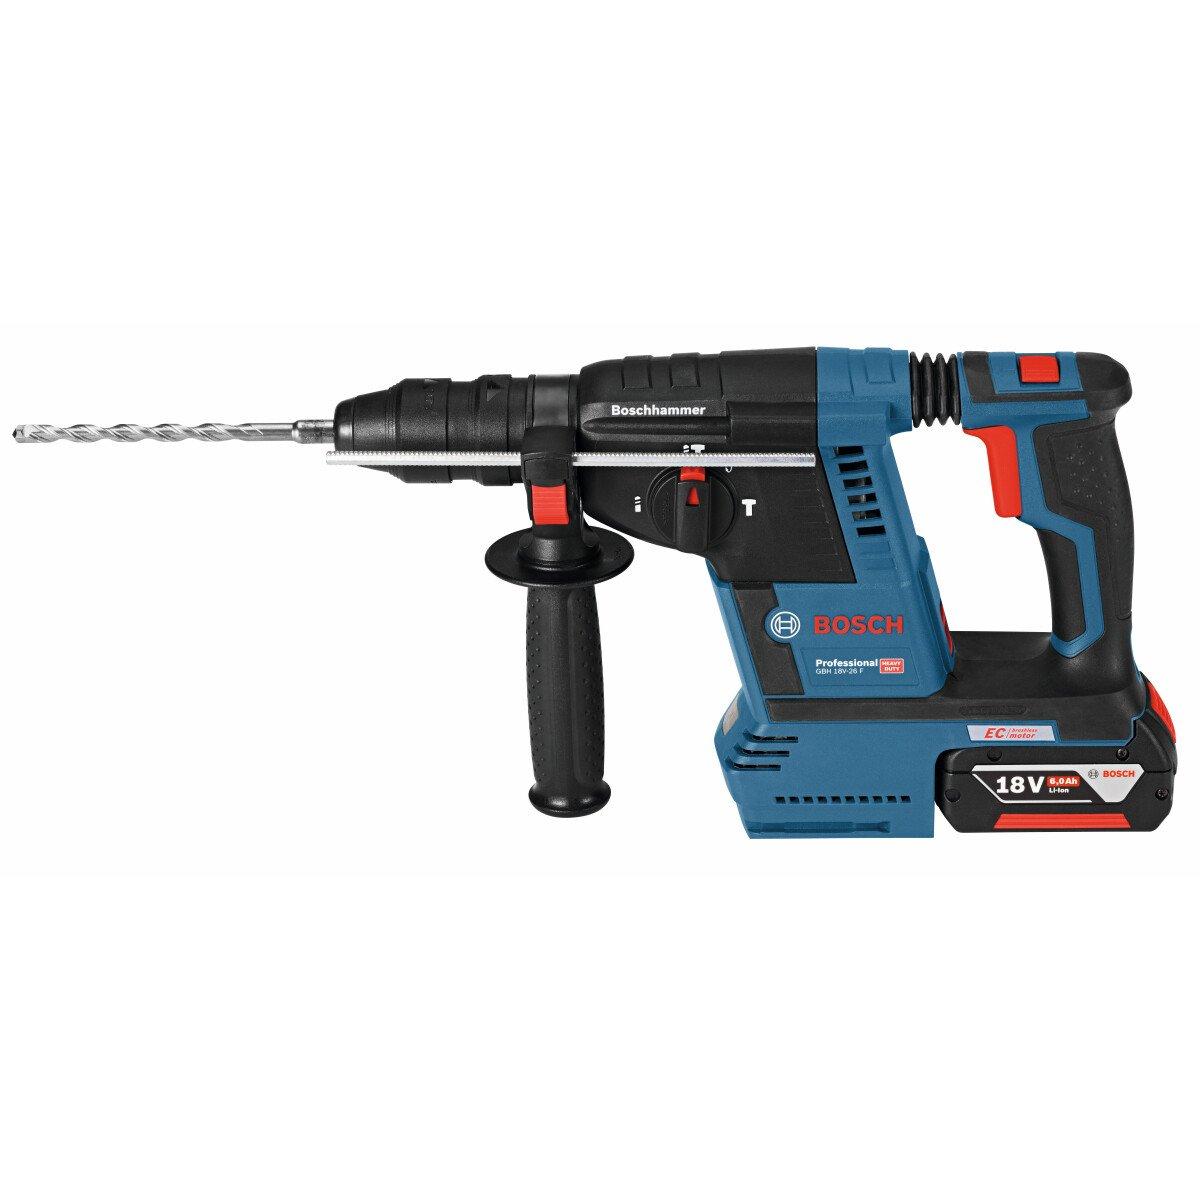 Bosch GBH 18 V-26 F 18V Brushless SDS Hammer with 2x6.0ah Batteries andh GDE 18 V-16 18 V